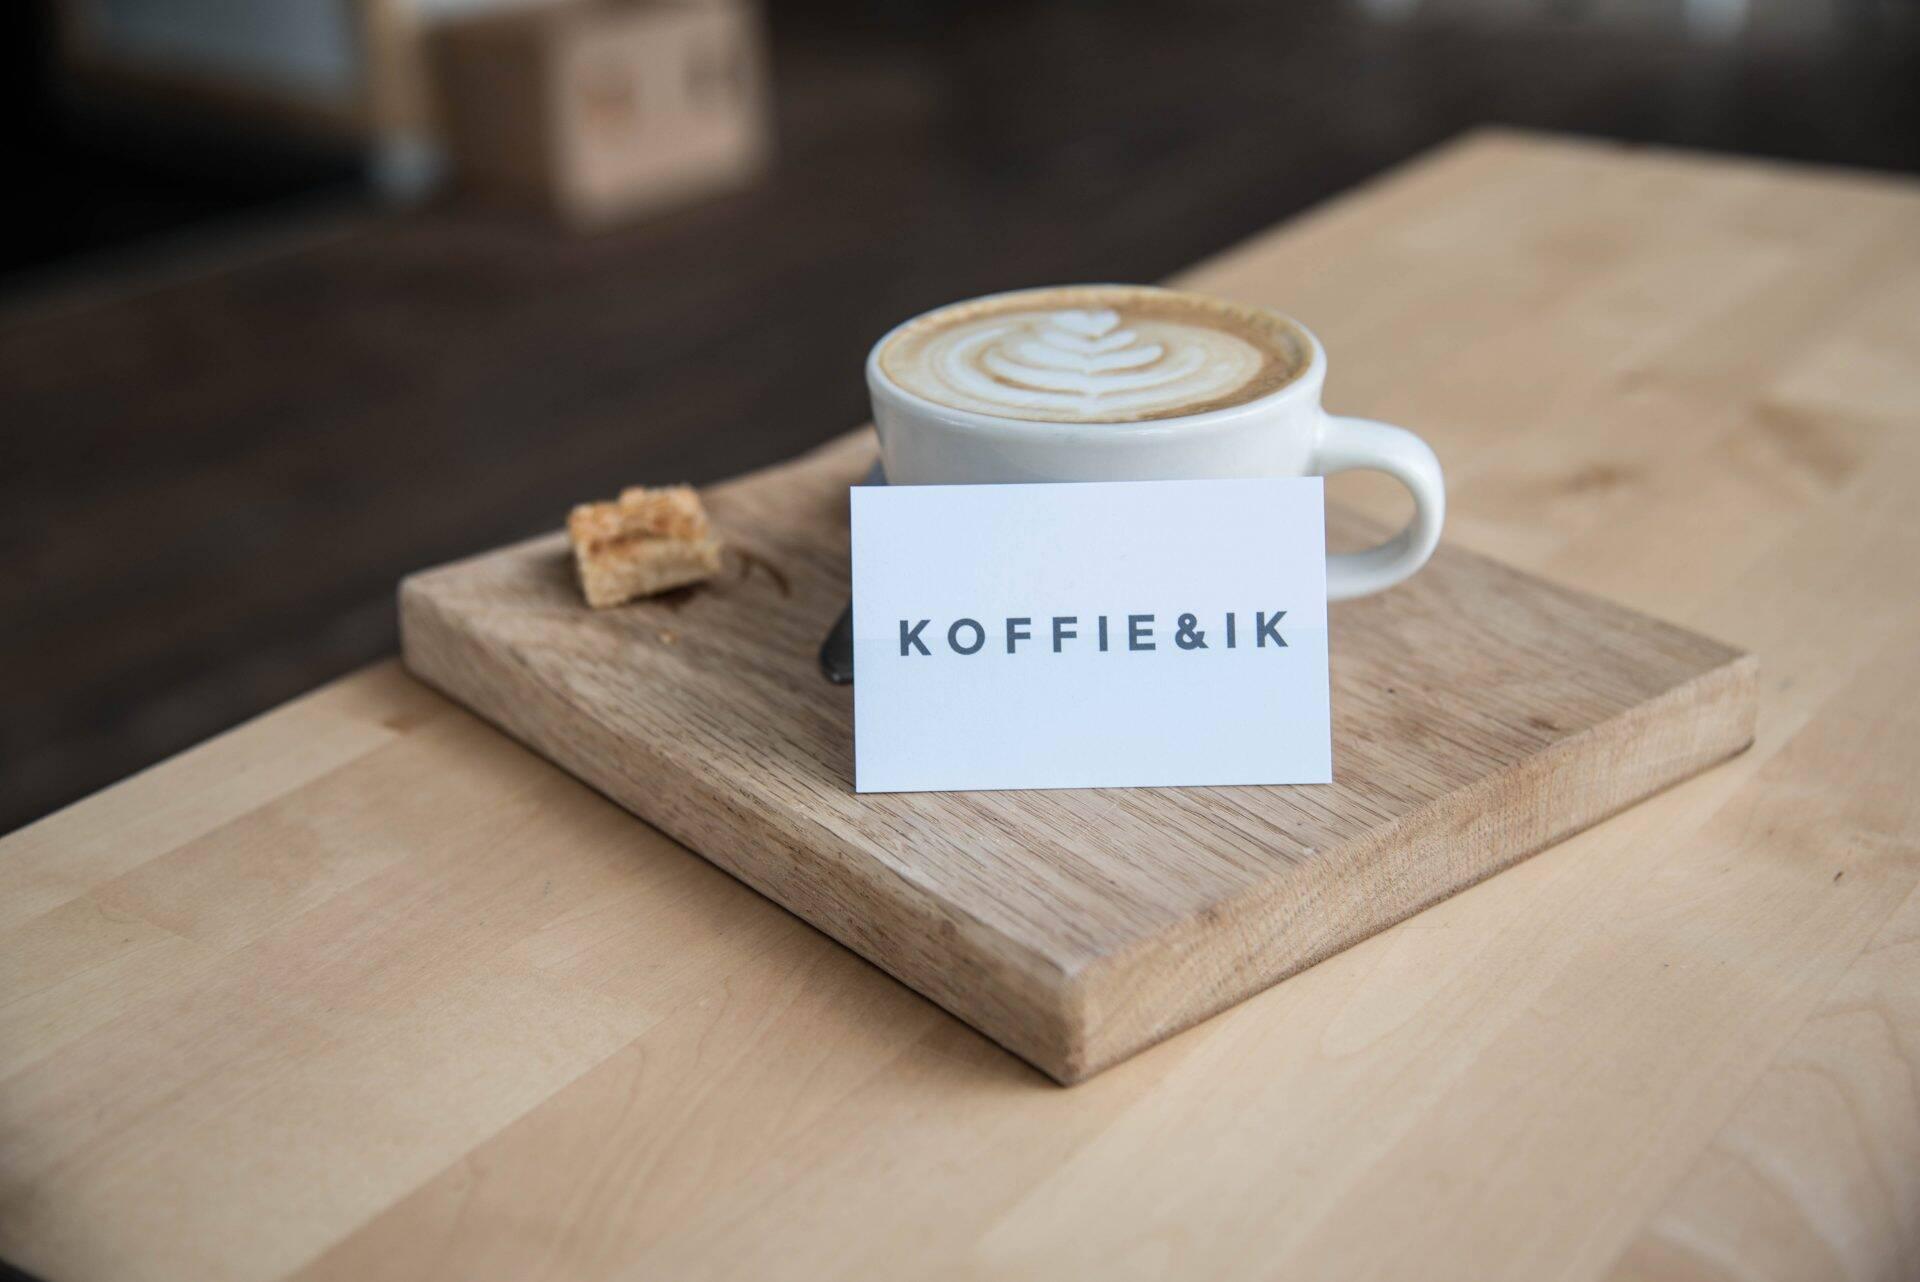 Koffie & Ik in Utrecht